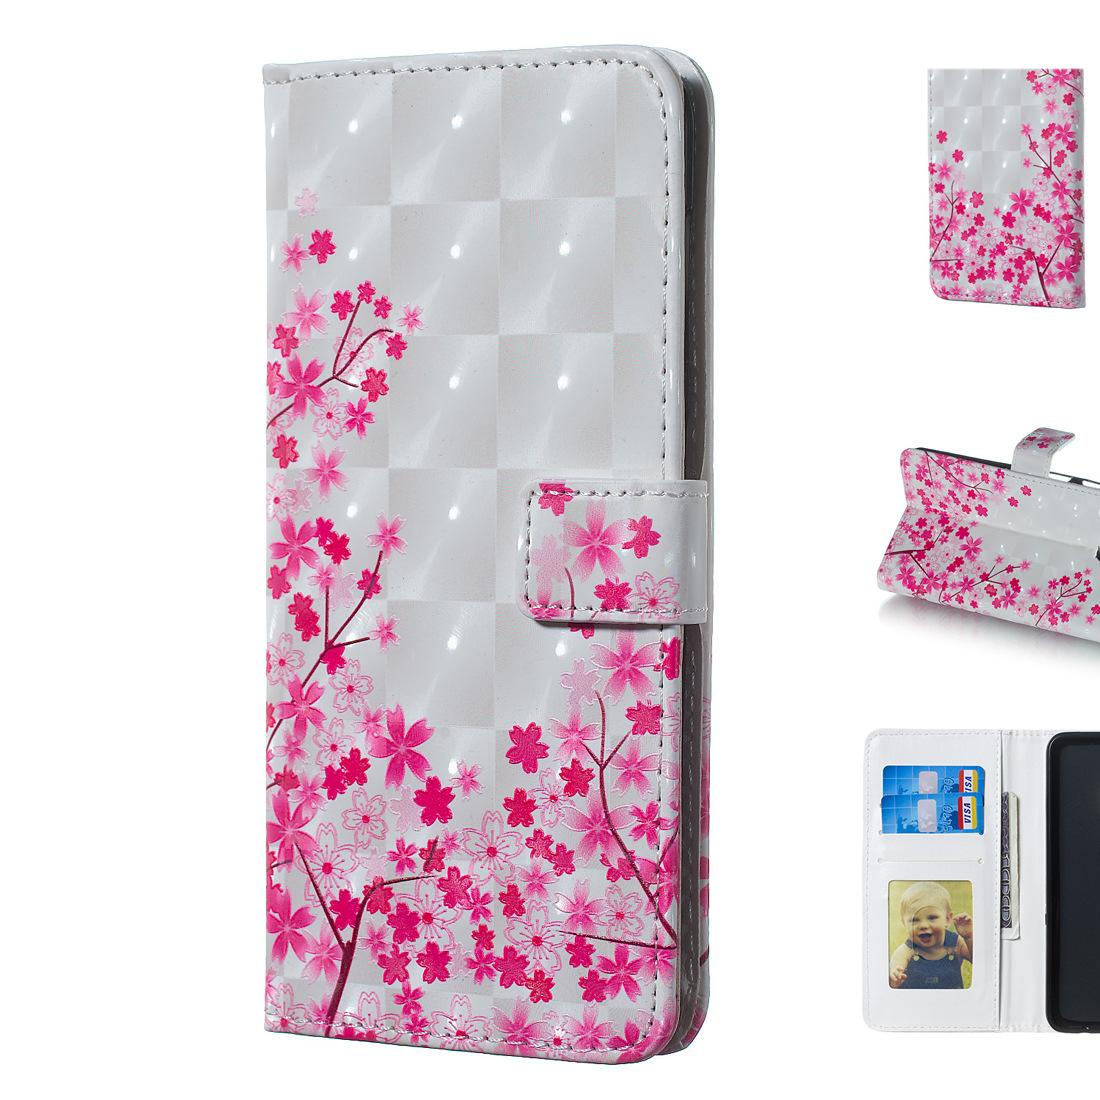 Stand de cas de téléphone portable de conception de fleurs de cerisier de couleur de la couleur 3D Rose avec le cadre de photo